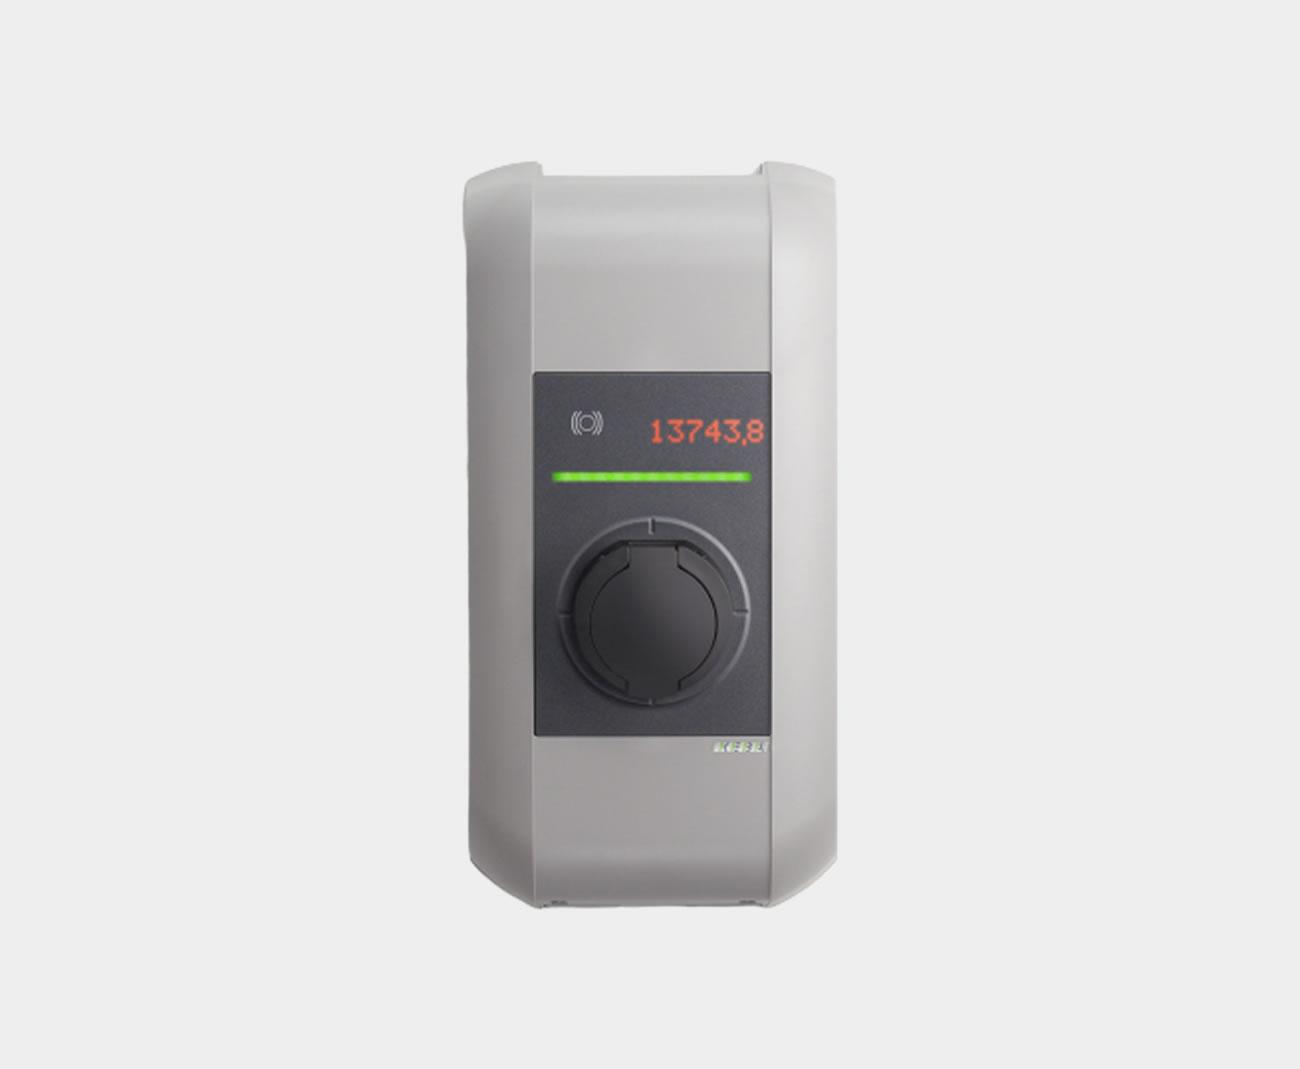 serie-c-socket-contador-mid-rfid-telecomando